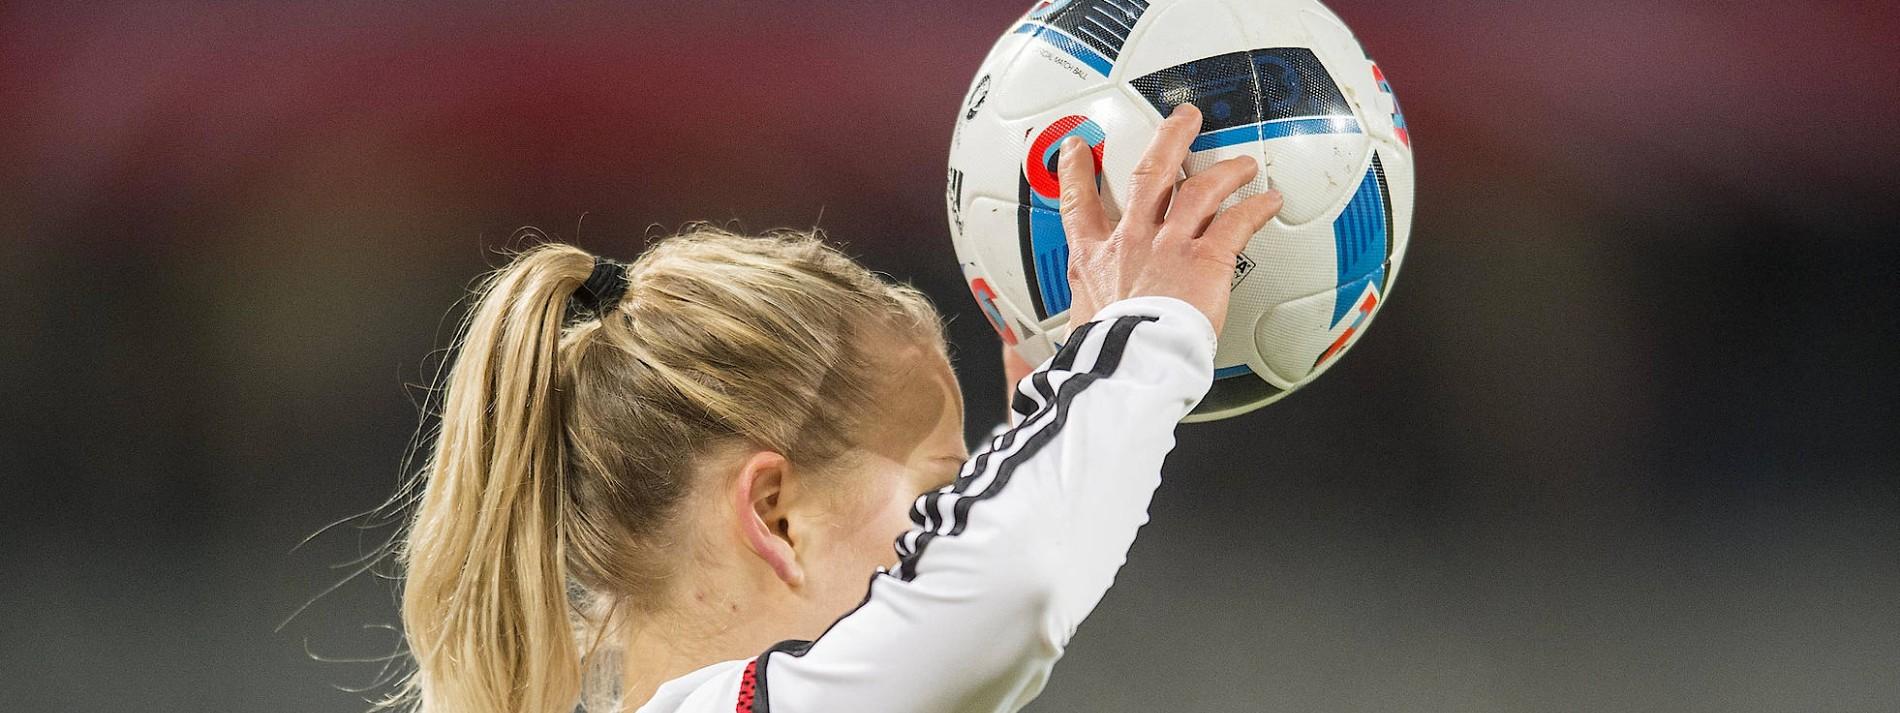 Die Zukunft des Fußballs ist weiblich